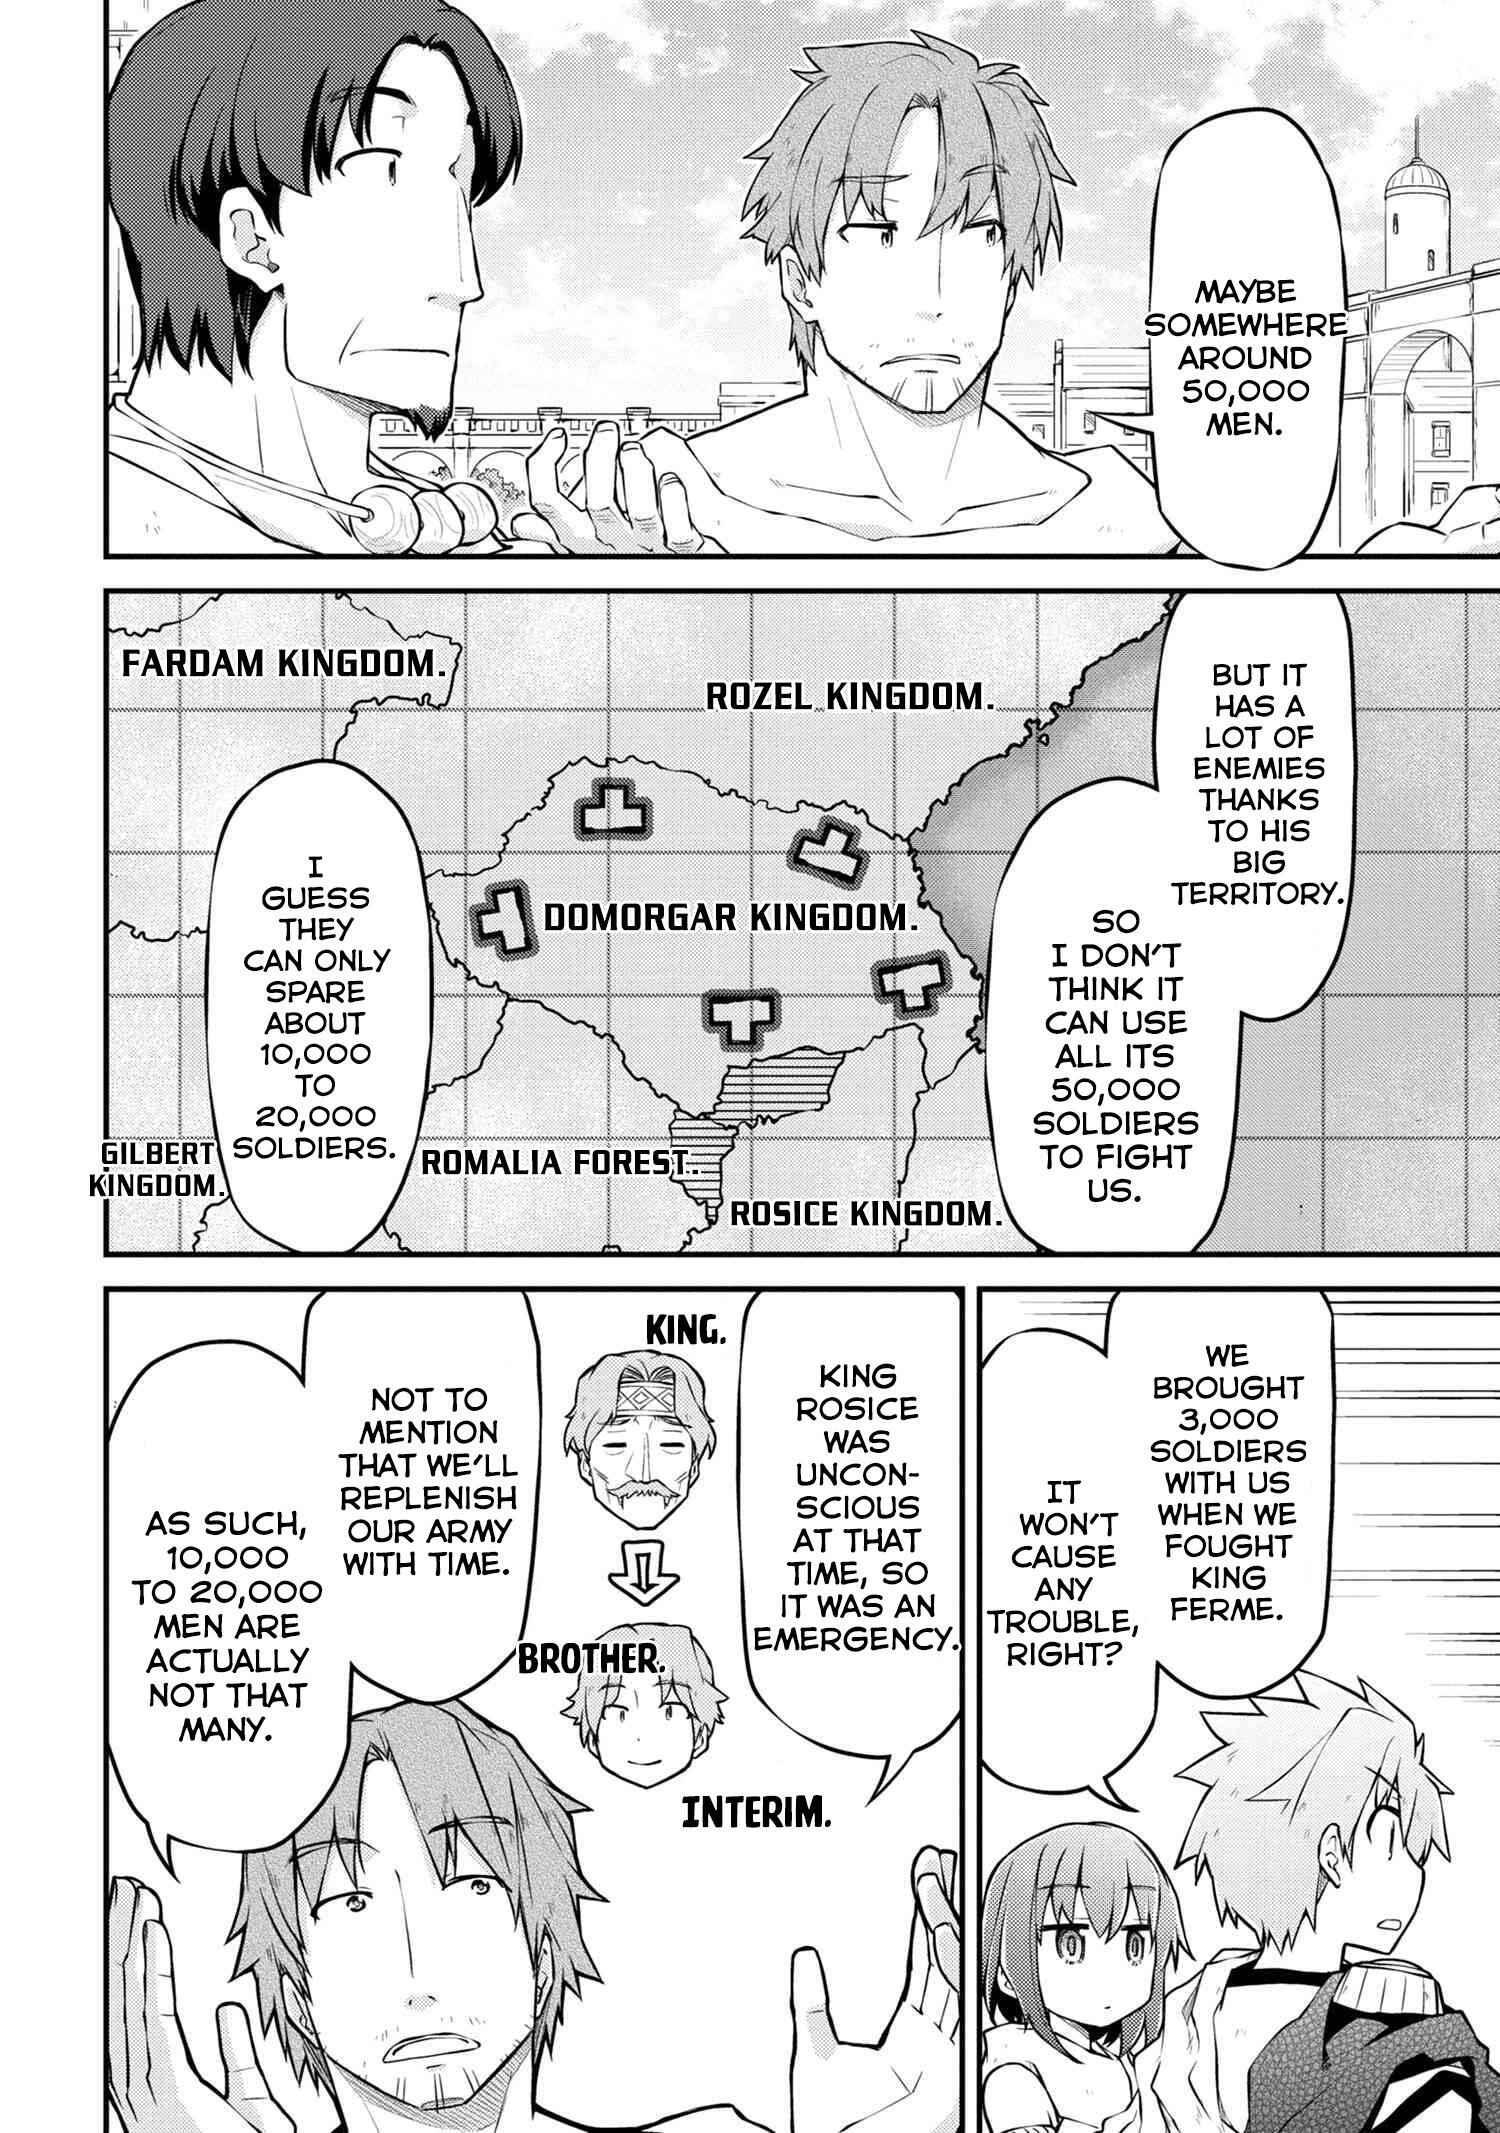 Isekai Kenkokuki - chapter 31.2-eng-li